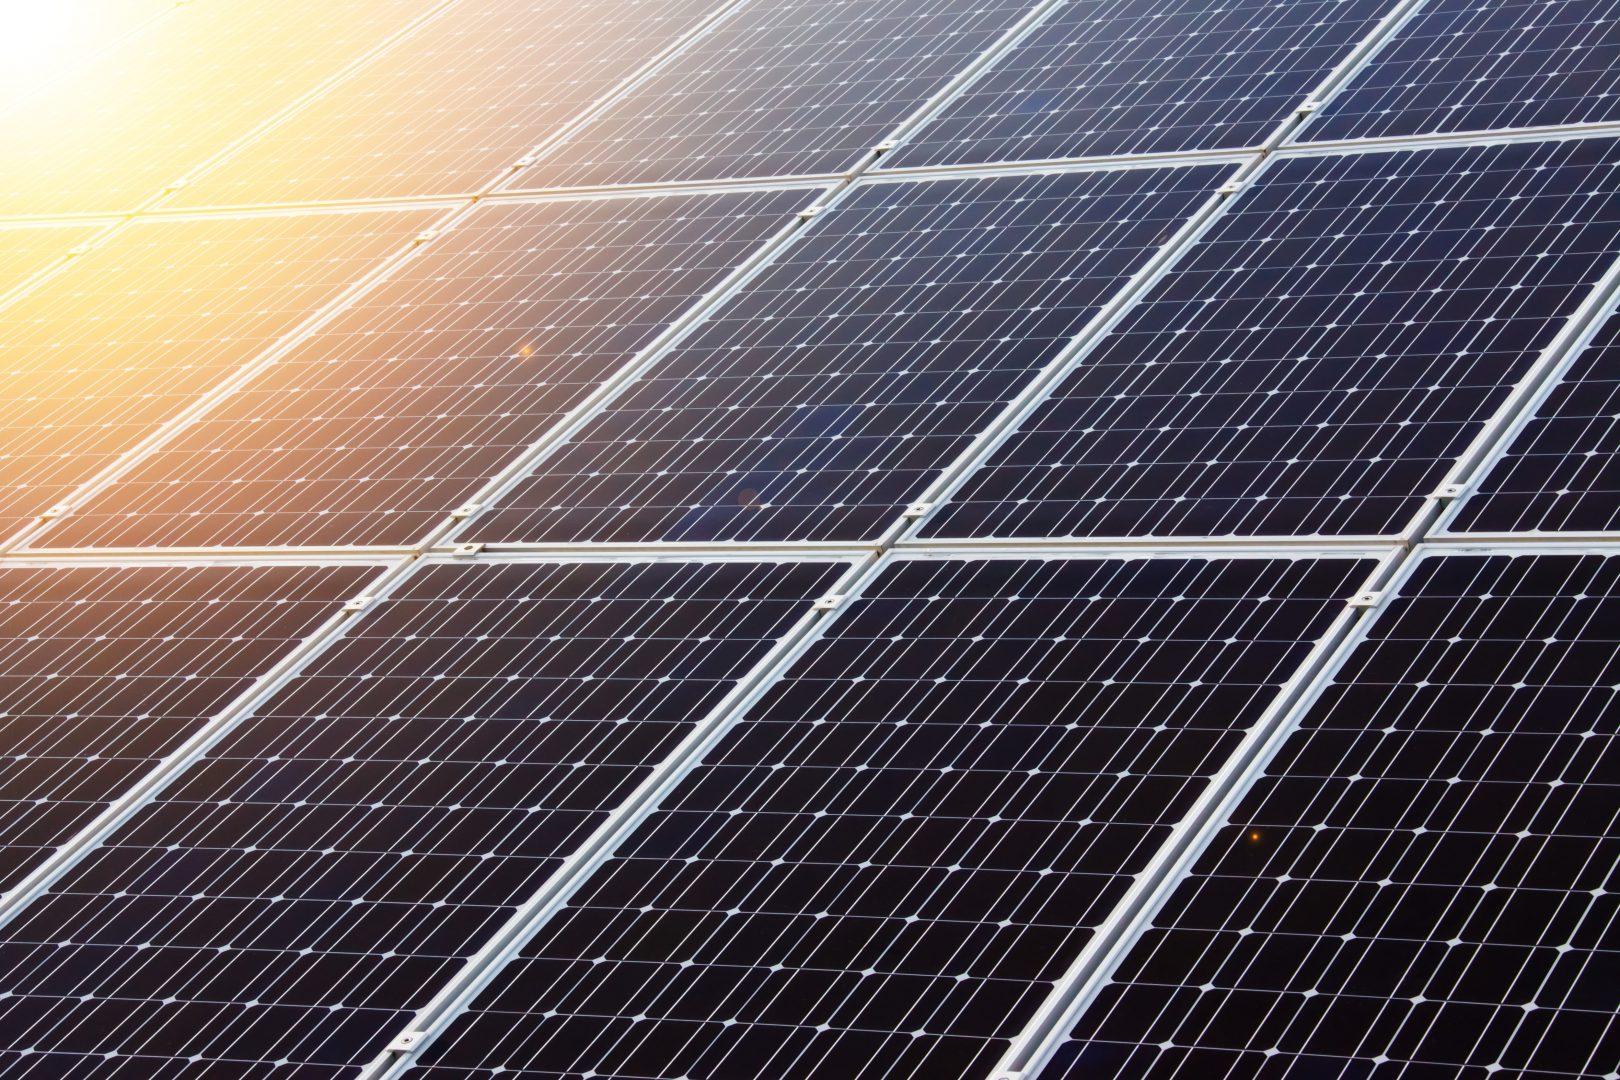 énergie solaire photovoltaïque panneaux